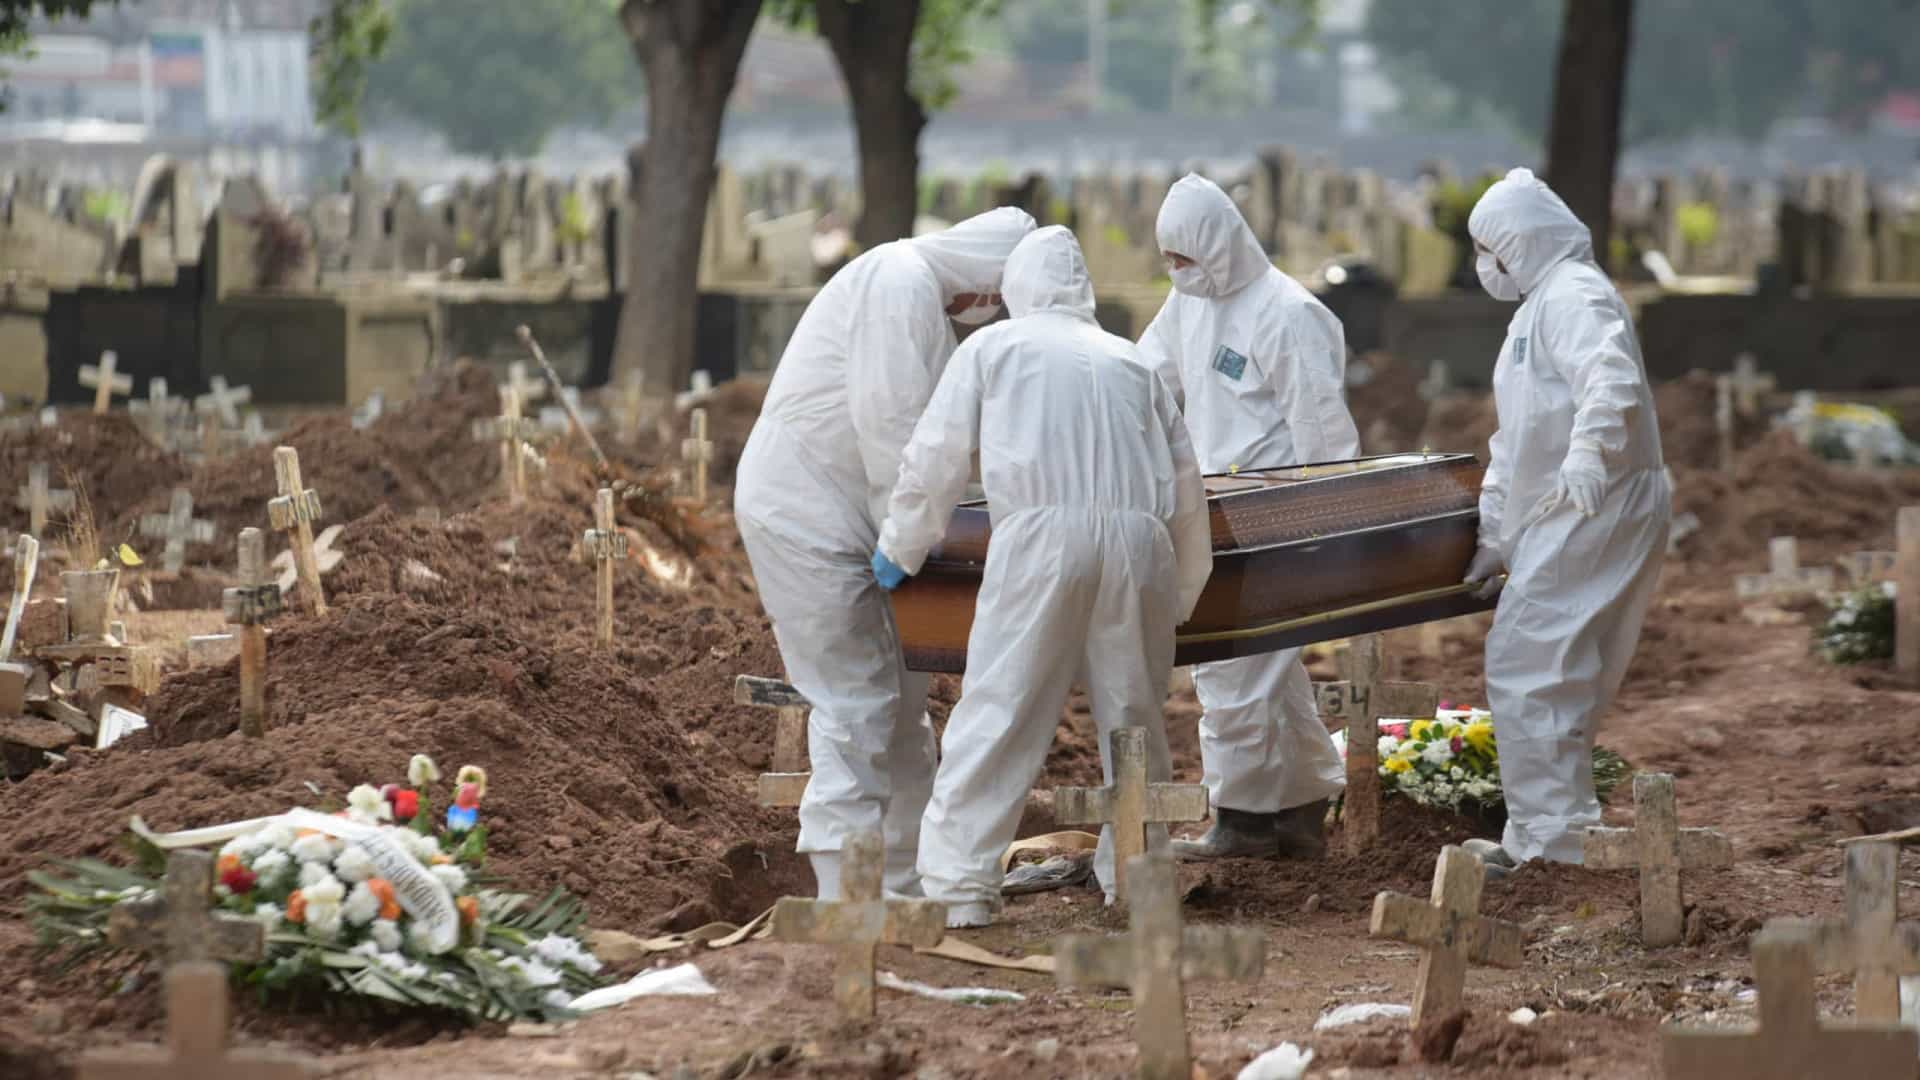 Covid-19: Brasil tem 279,2 mil mortes e 11,5 milhões de casos